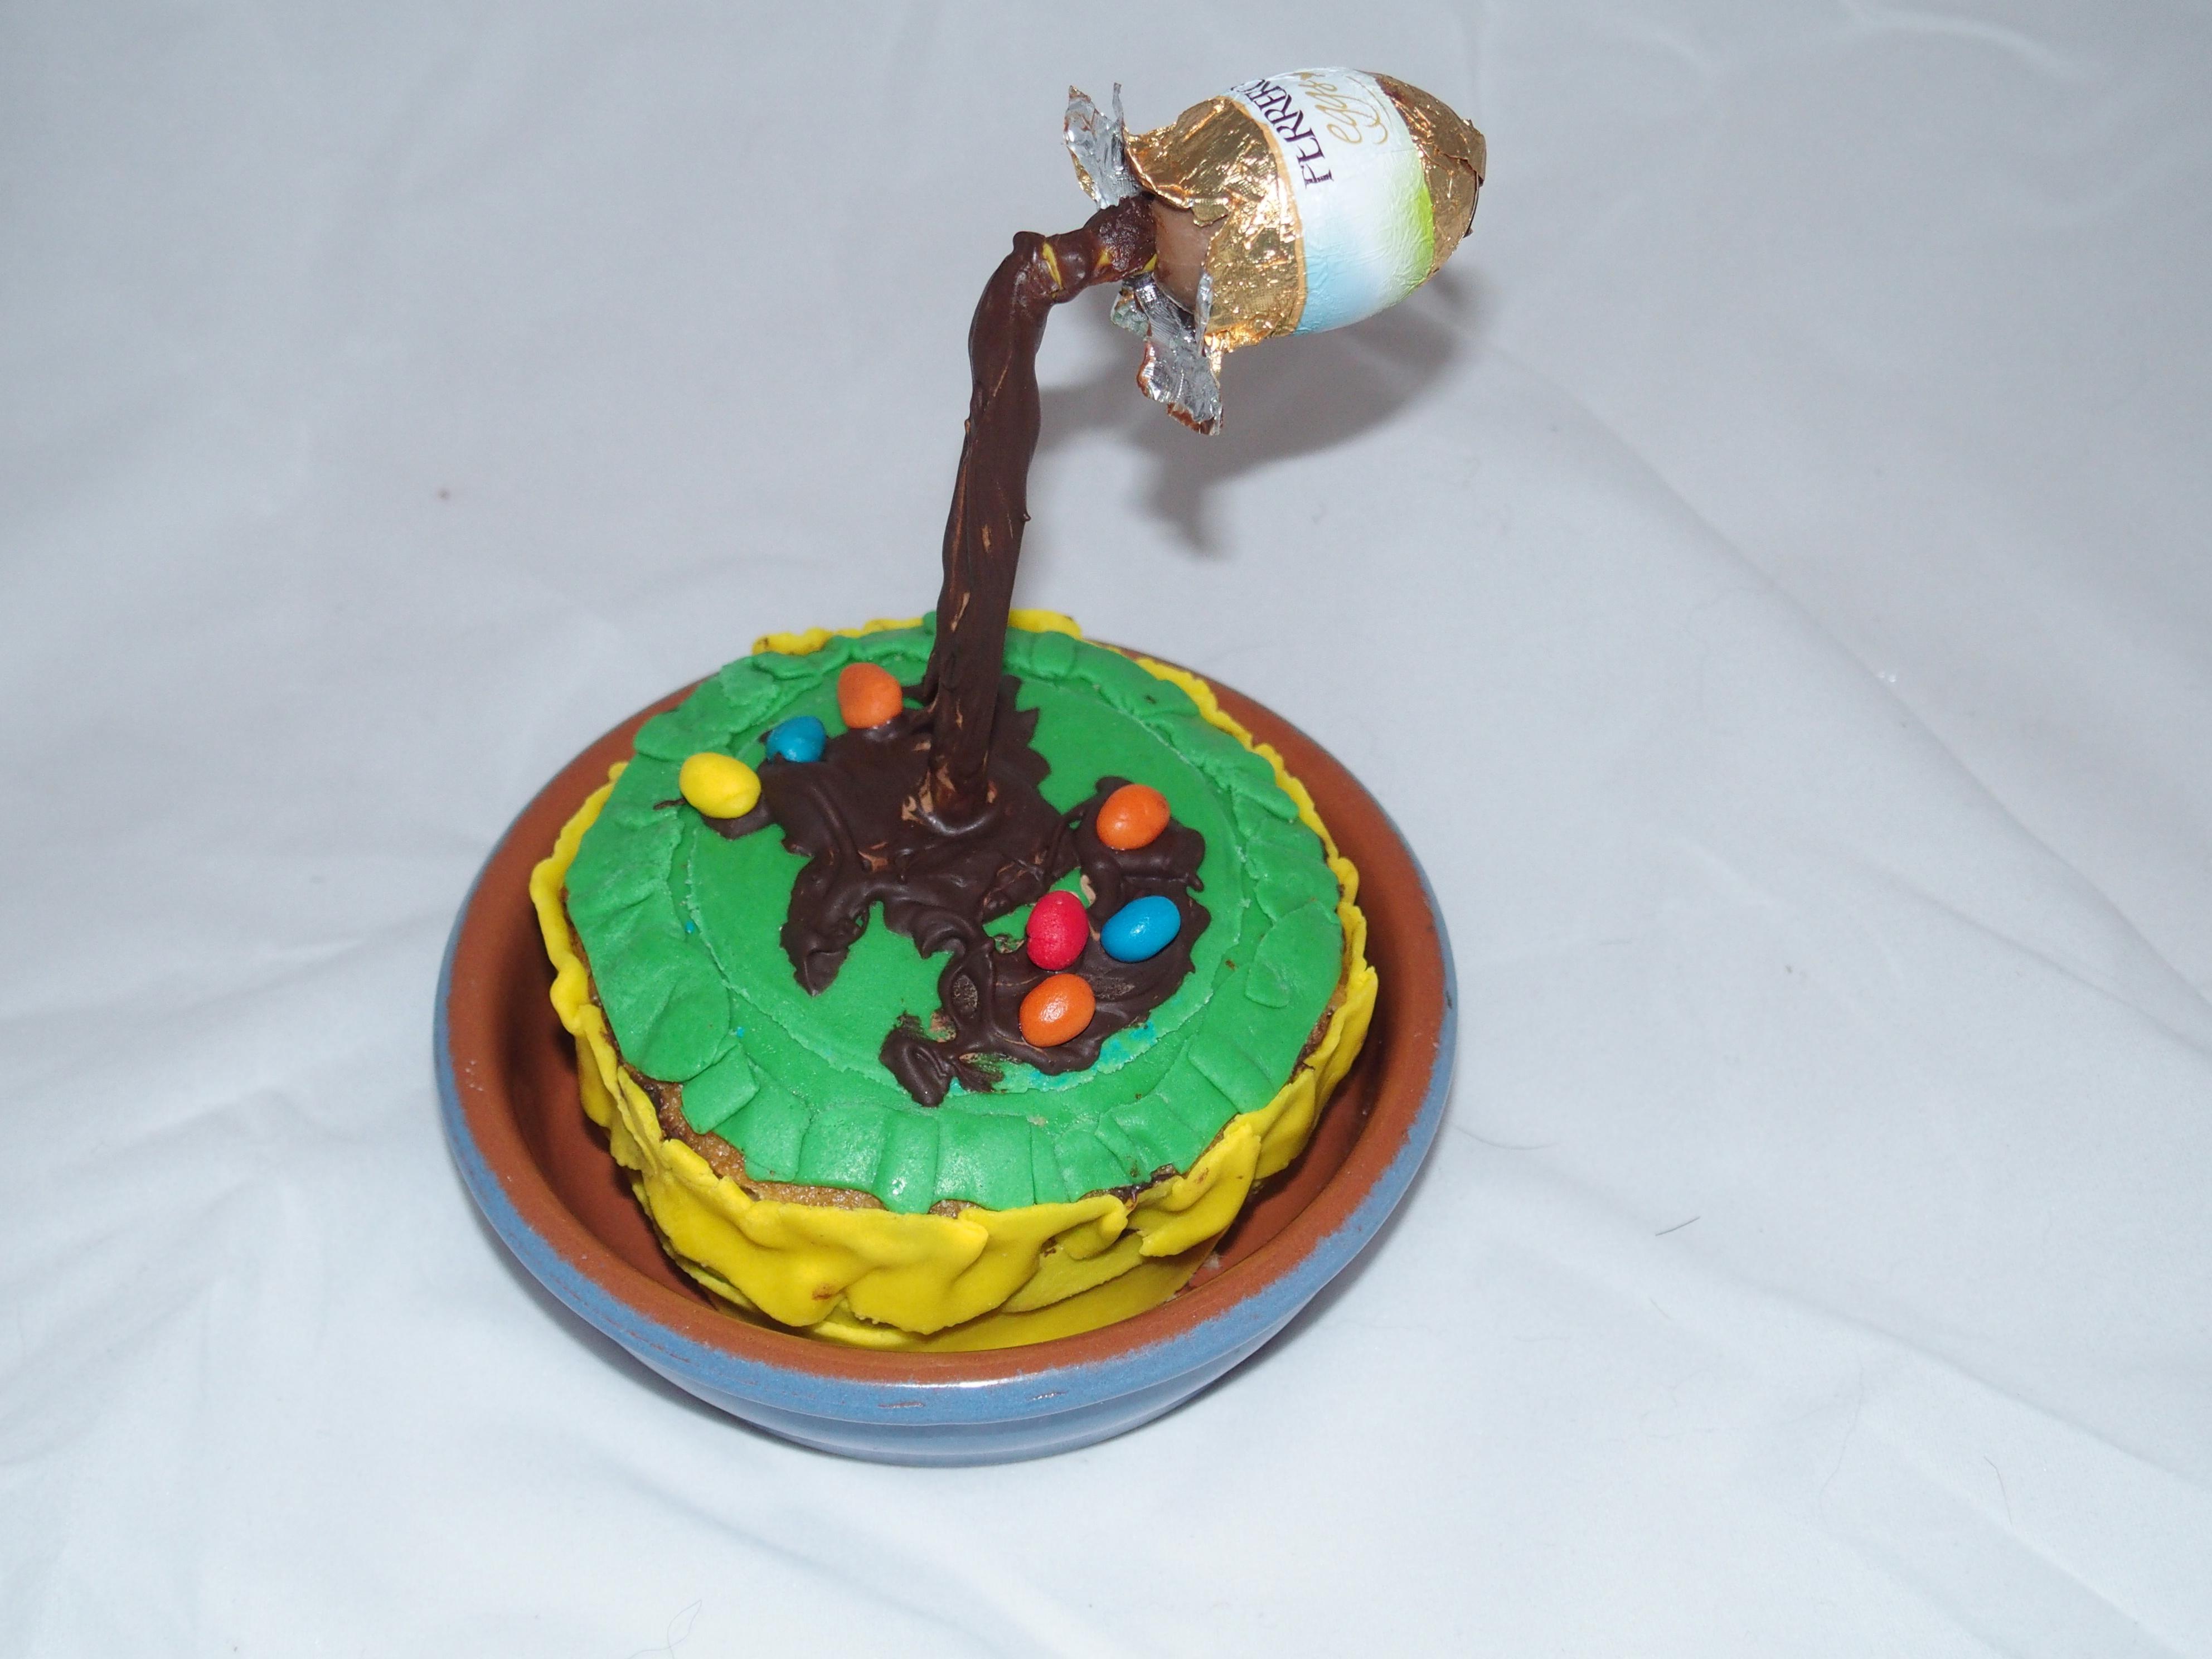 Une recette facile pour réaliser un joli Gravity Cake spécial Pâques